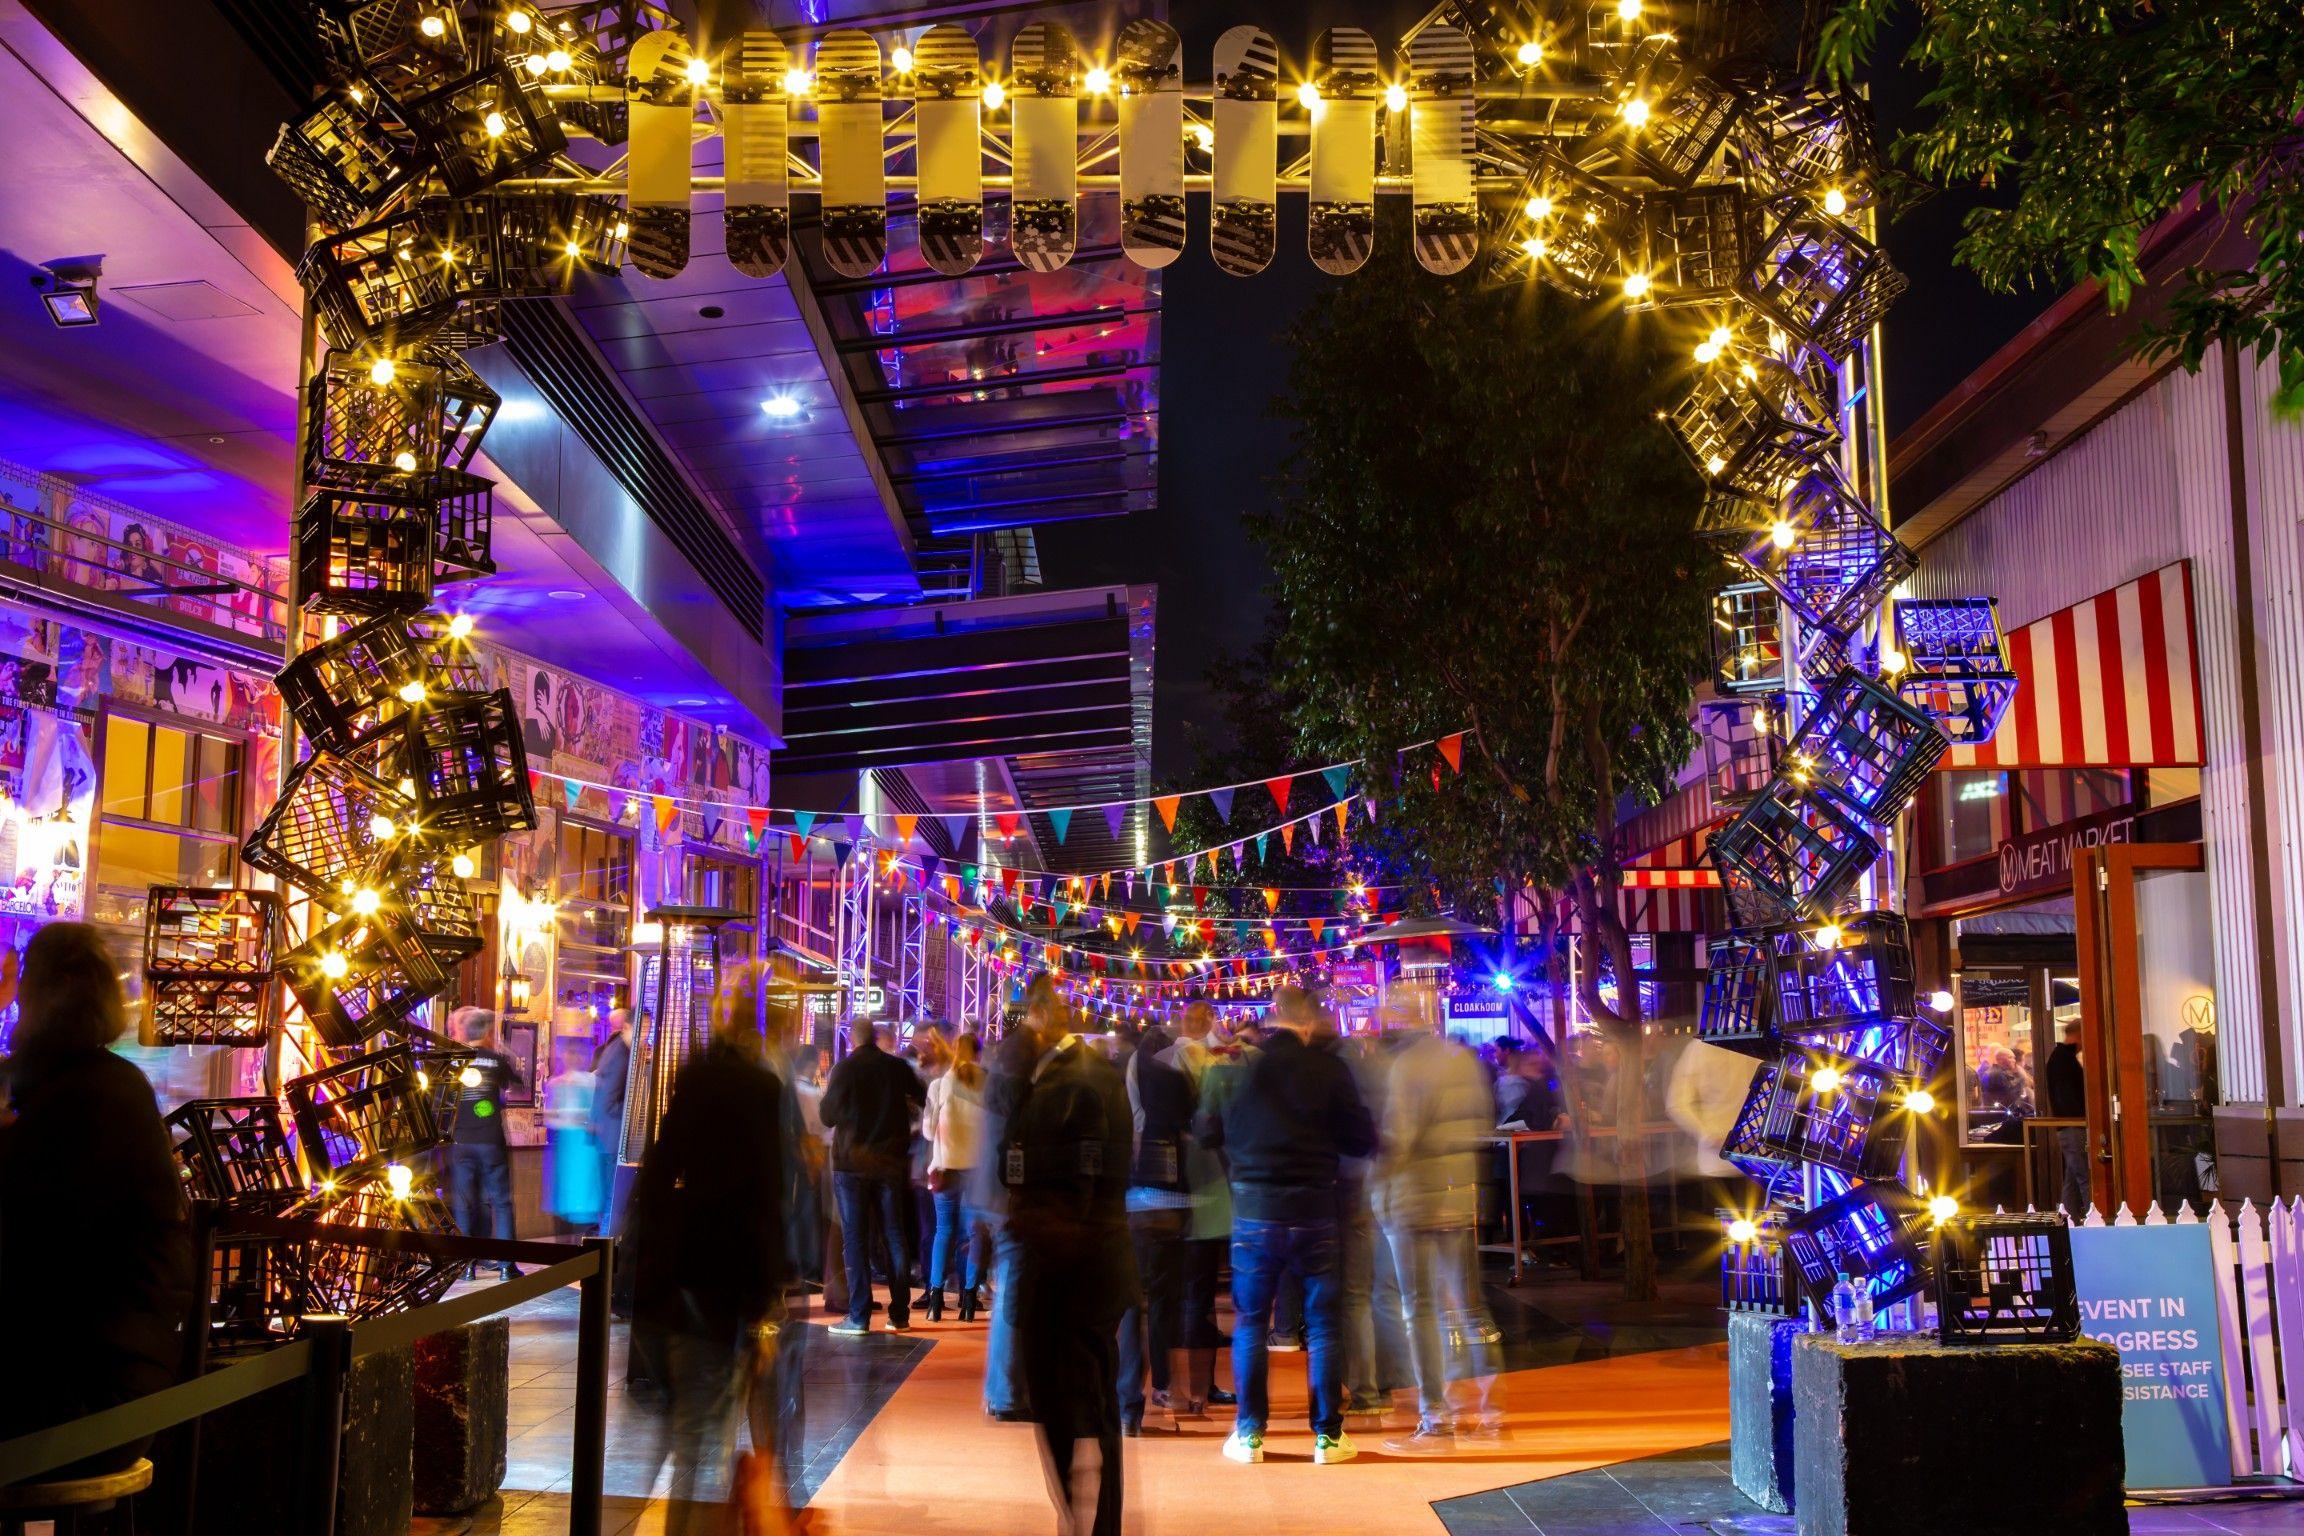 South Wharf Promenade Event specialist, Social events